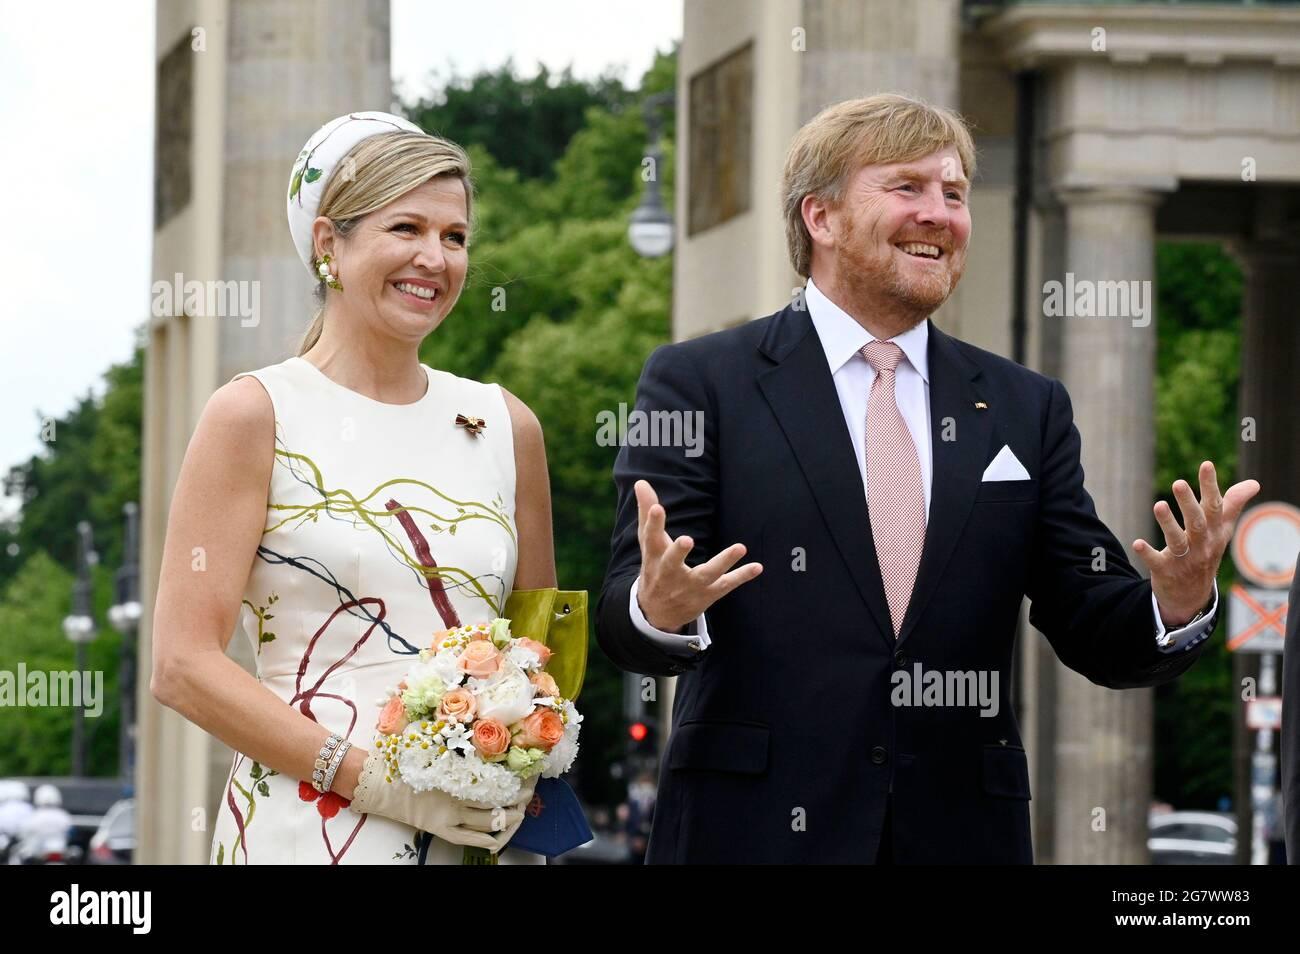 La reine Maxima et le roi Willem-Alexander des pays-Bas visitent le Brandenburger Tor le 5 juillet 2021 à Berlin, en Allemagne. Banque D'Images